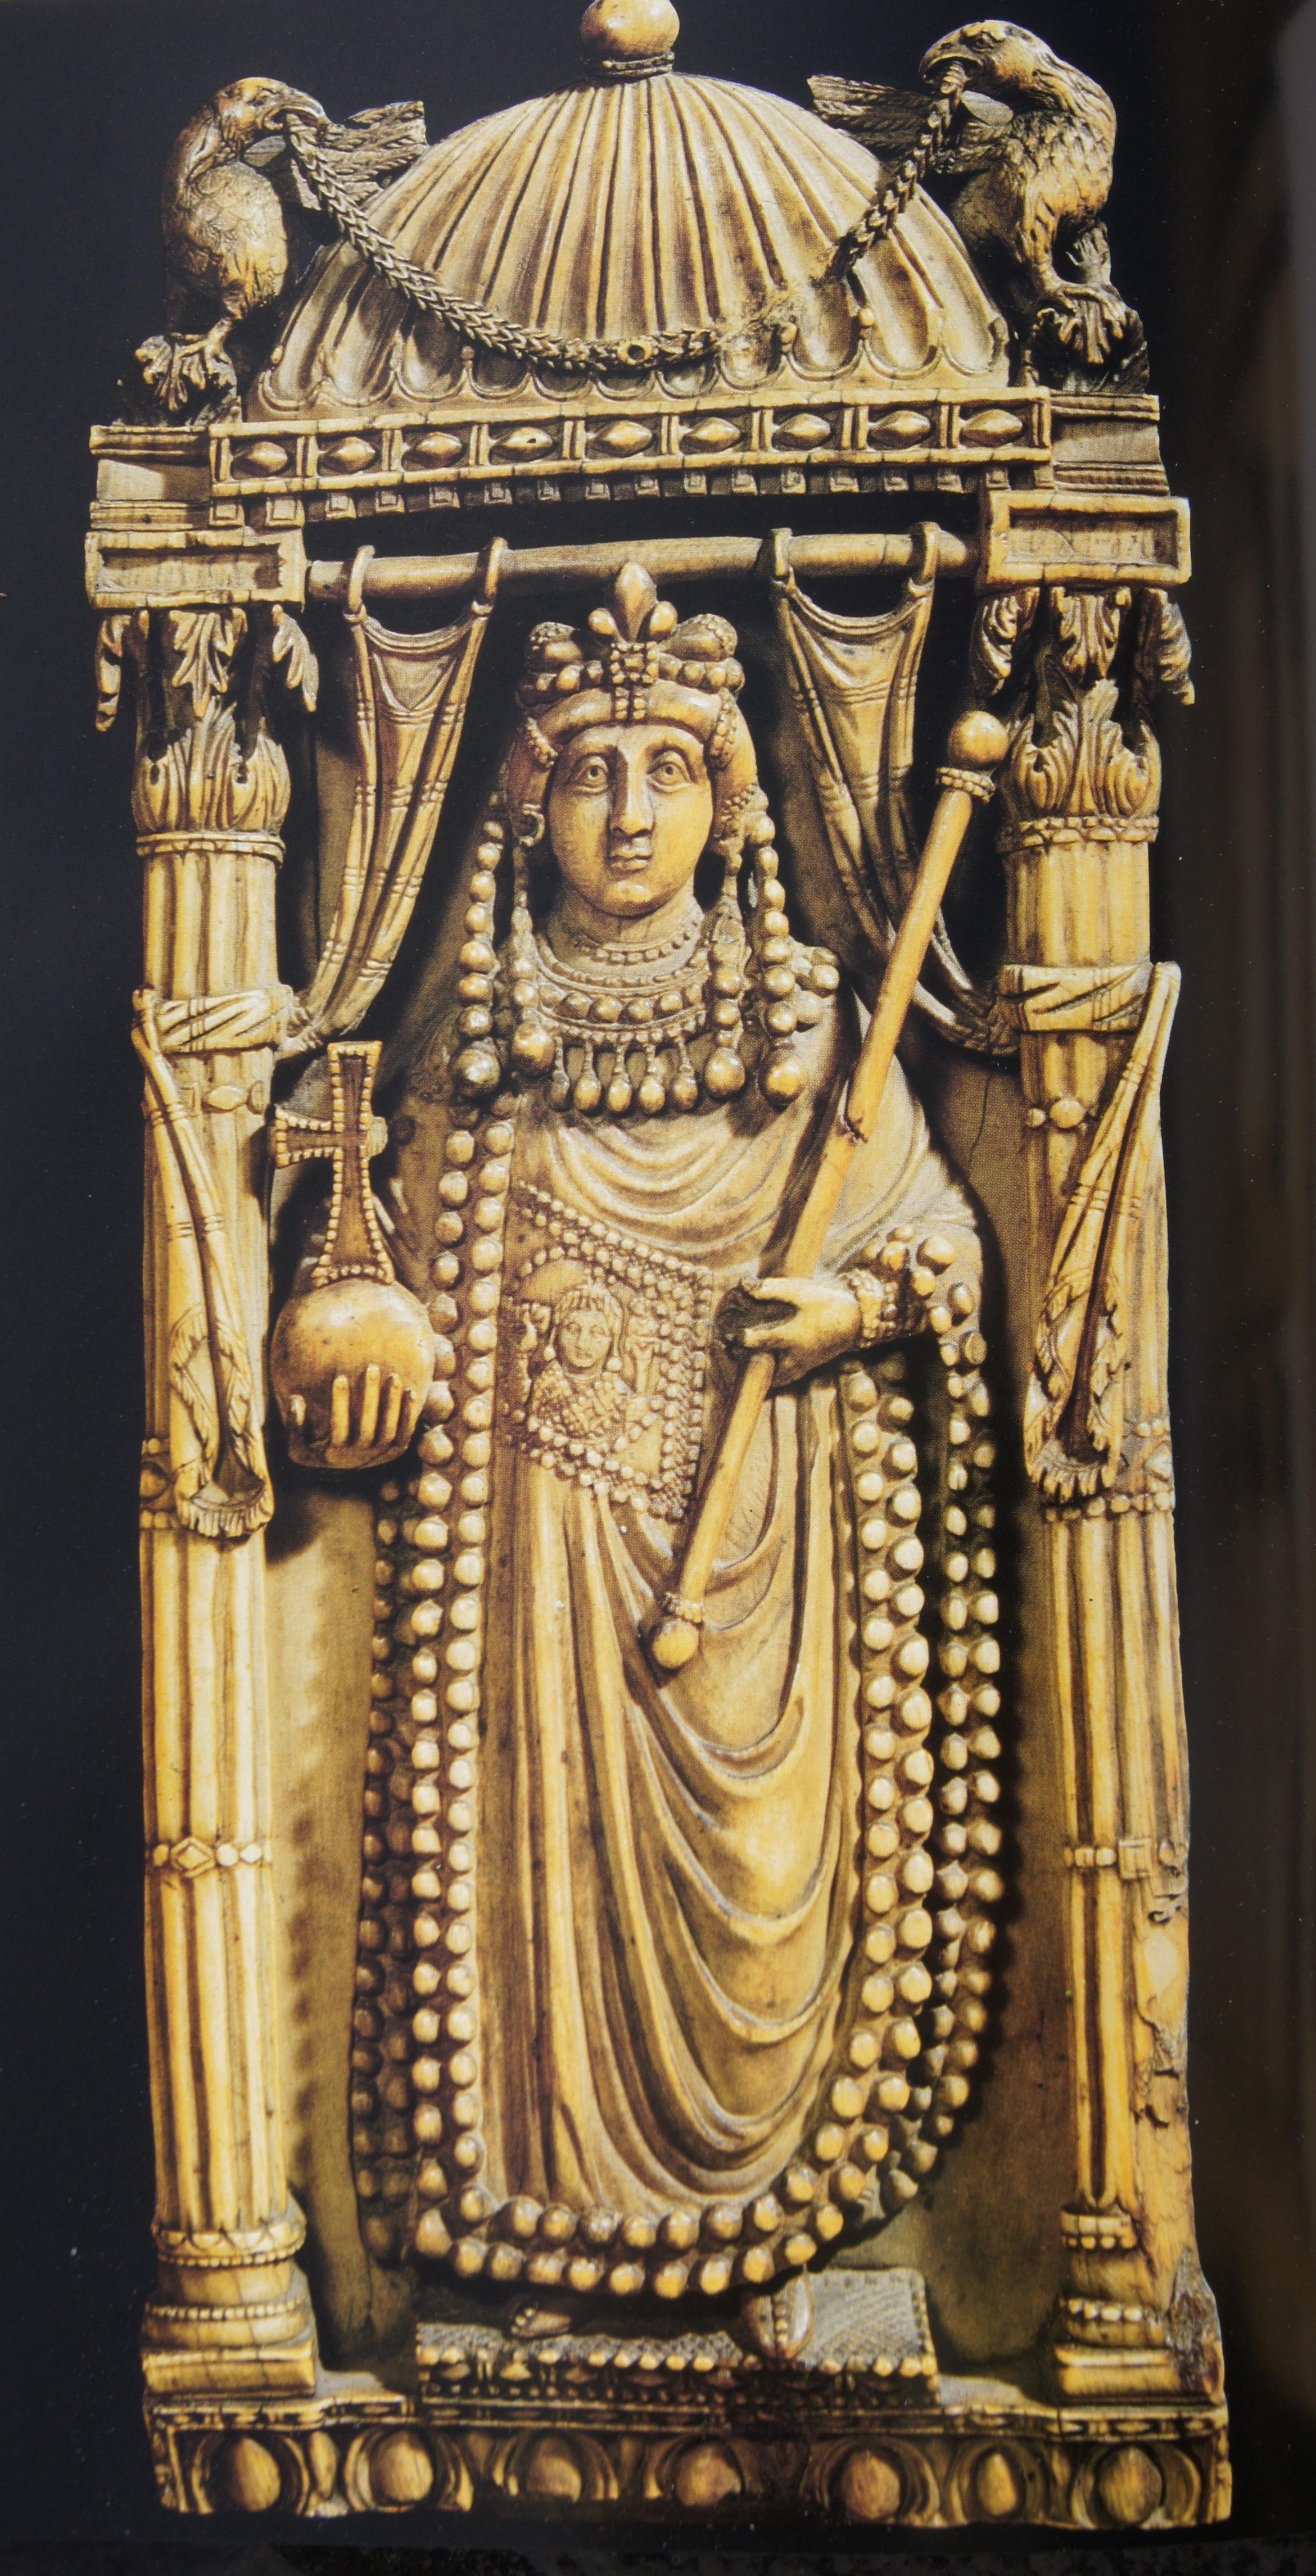 Empress Ariadne or Amalasuntha